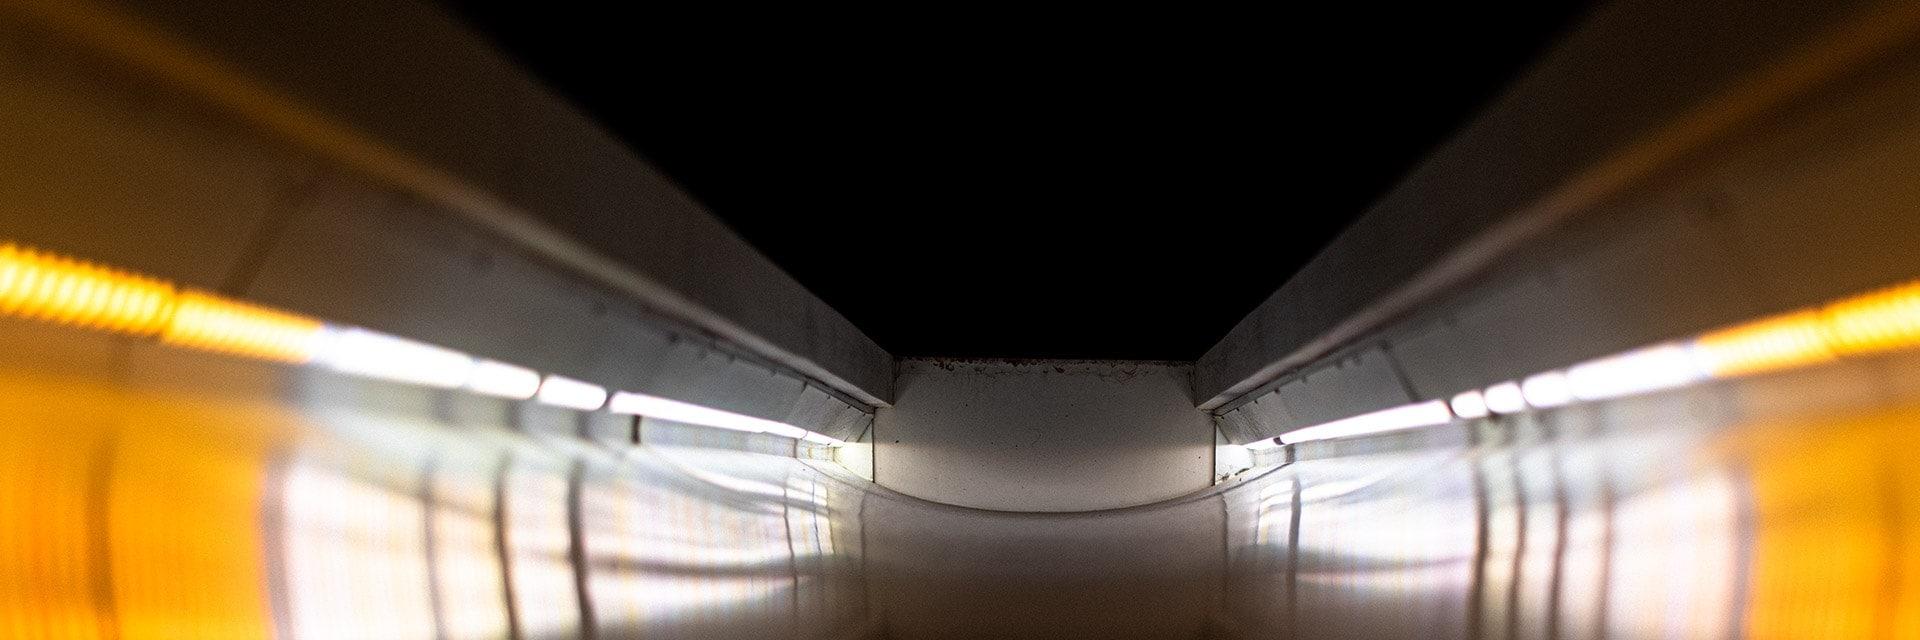 artnorama - Orange Slide